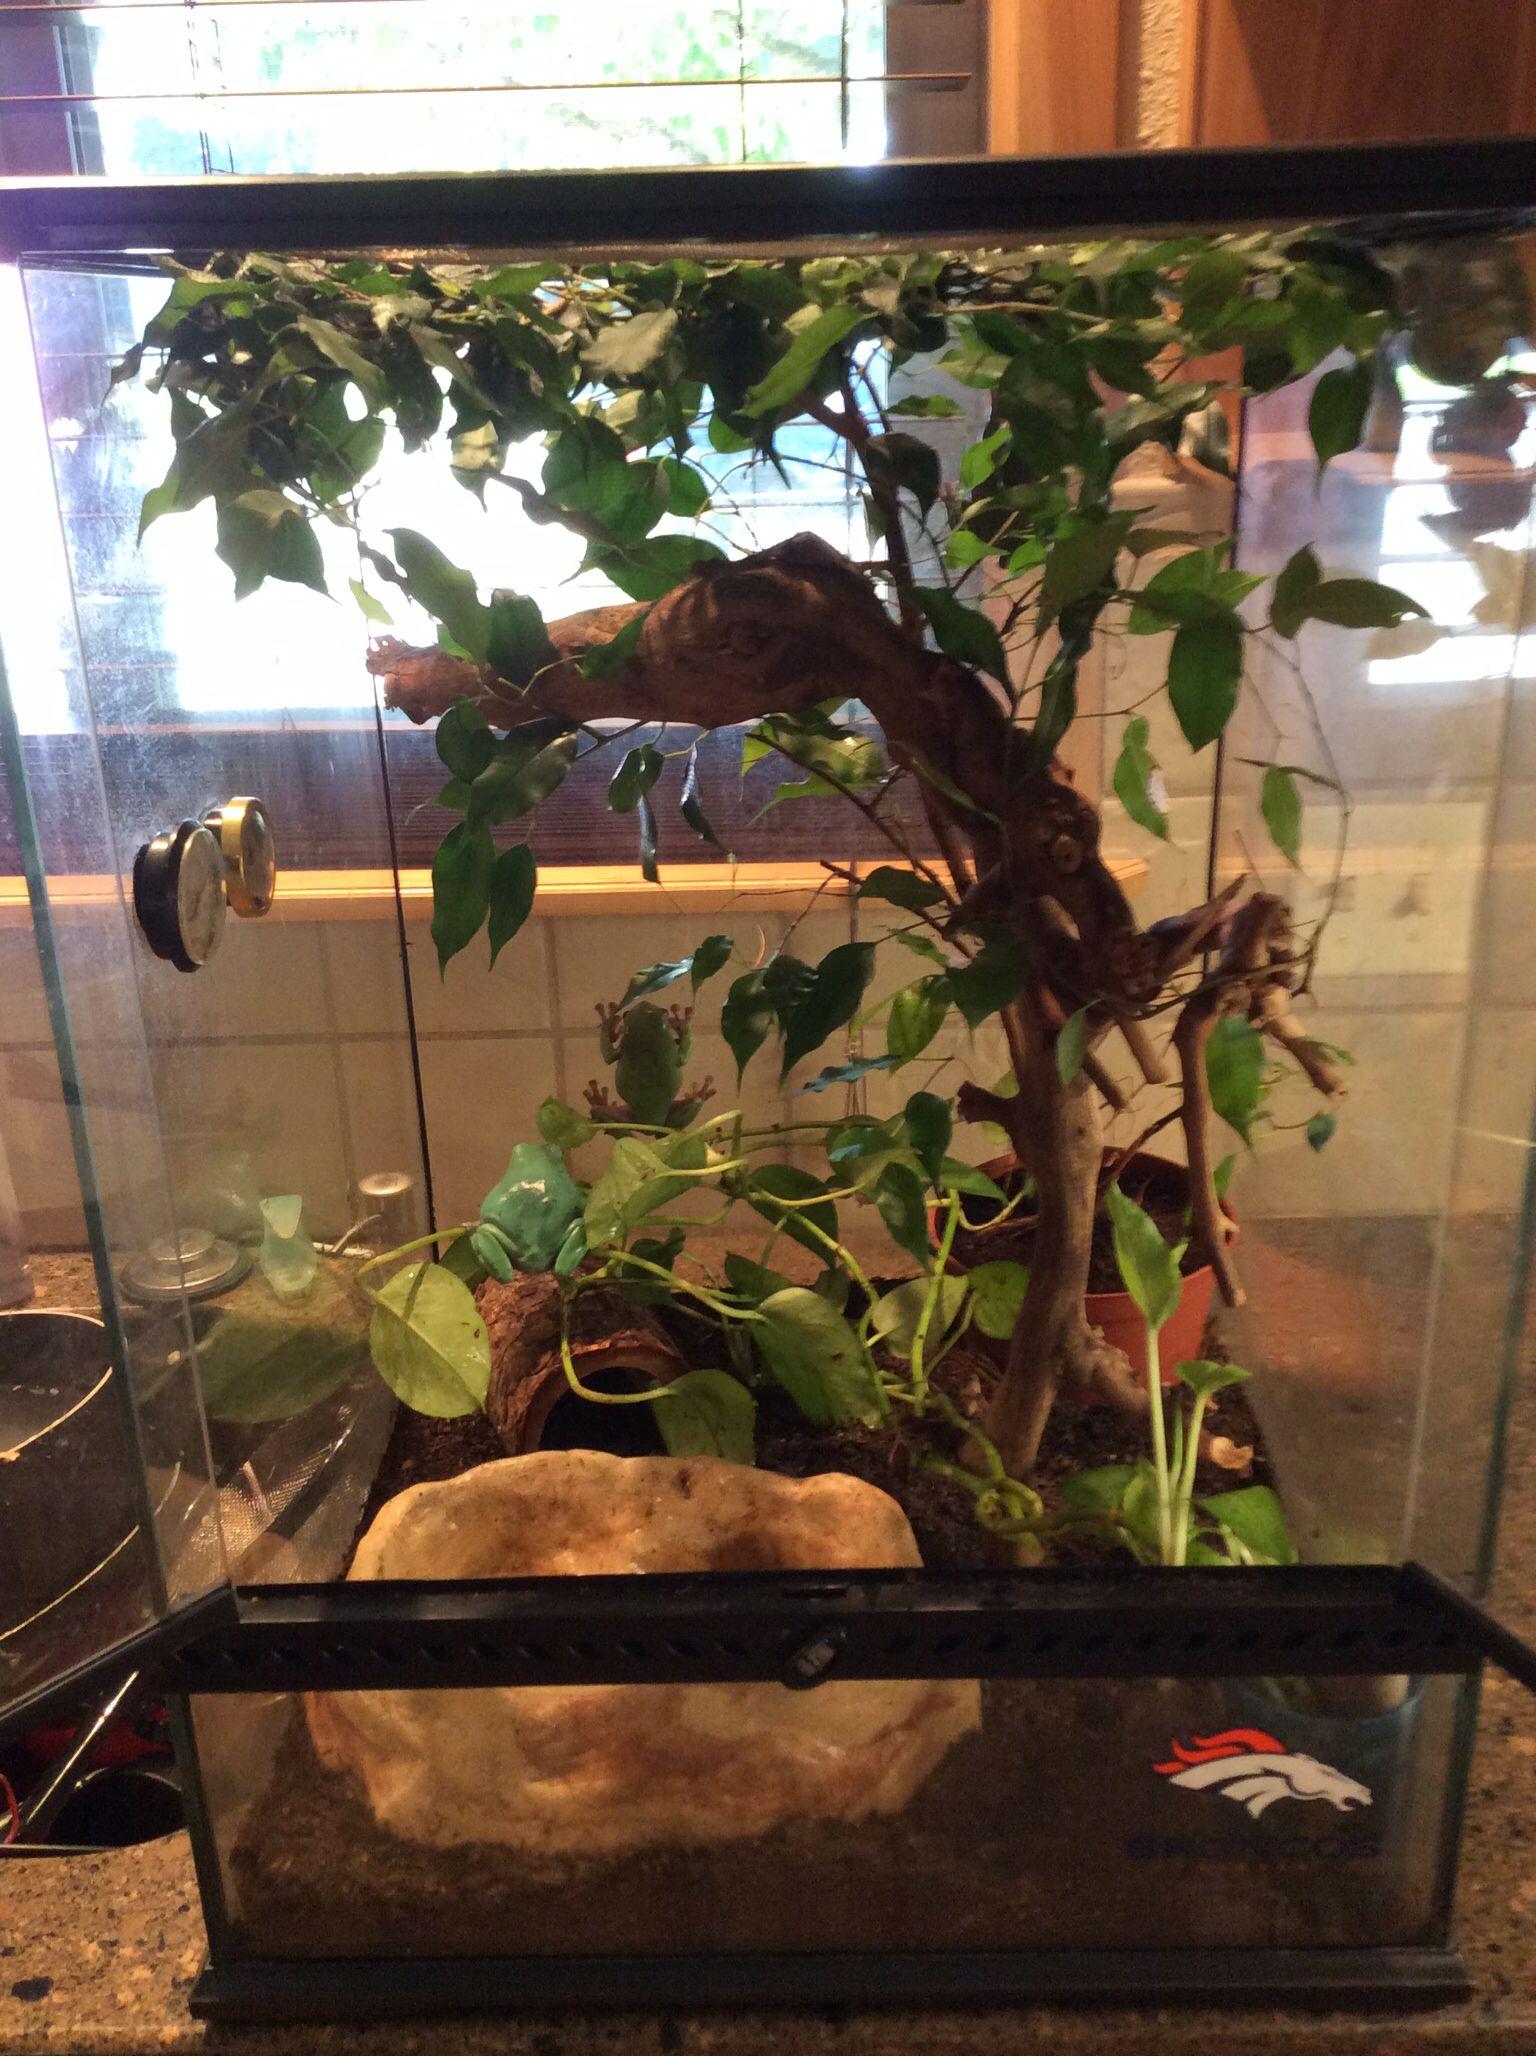 Террариум для наземных лягушек и жаб, размеры террариума 2